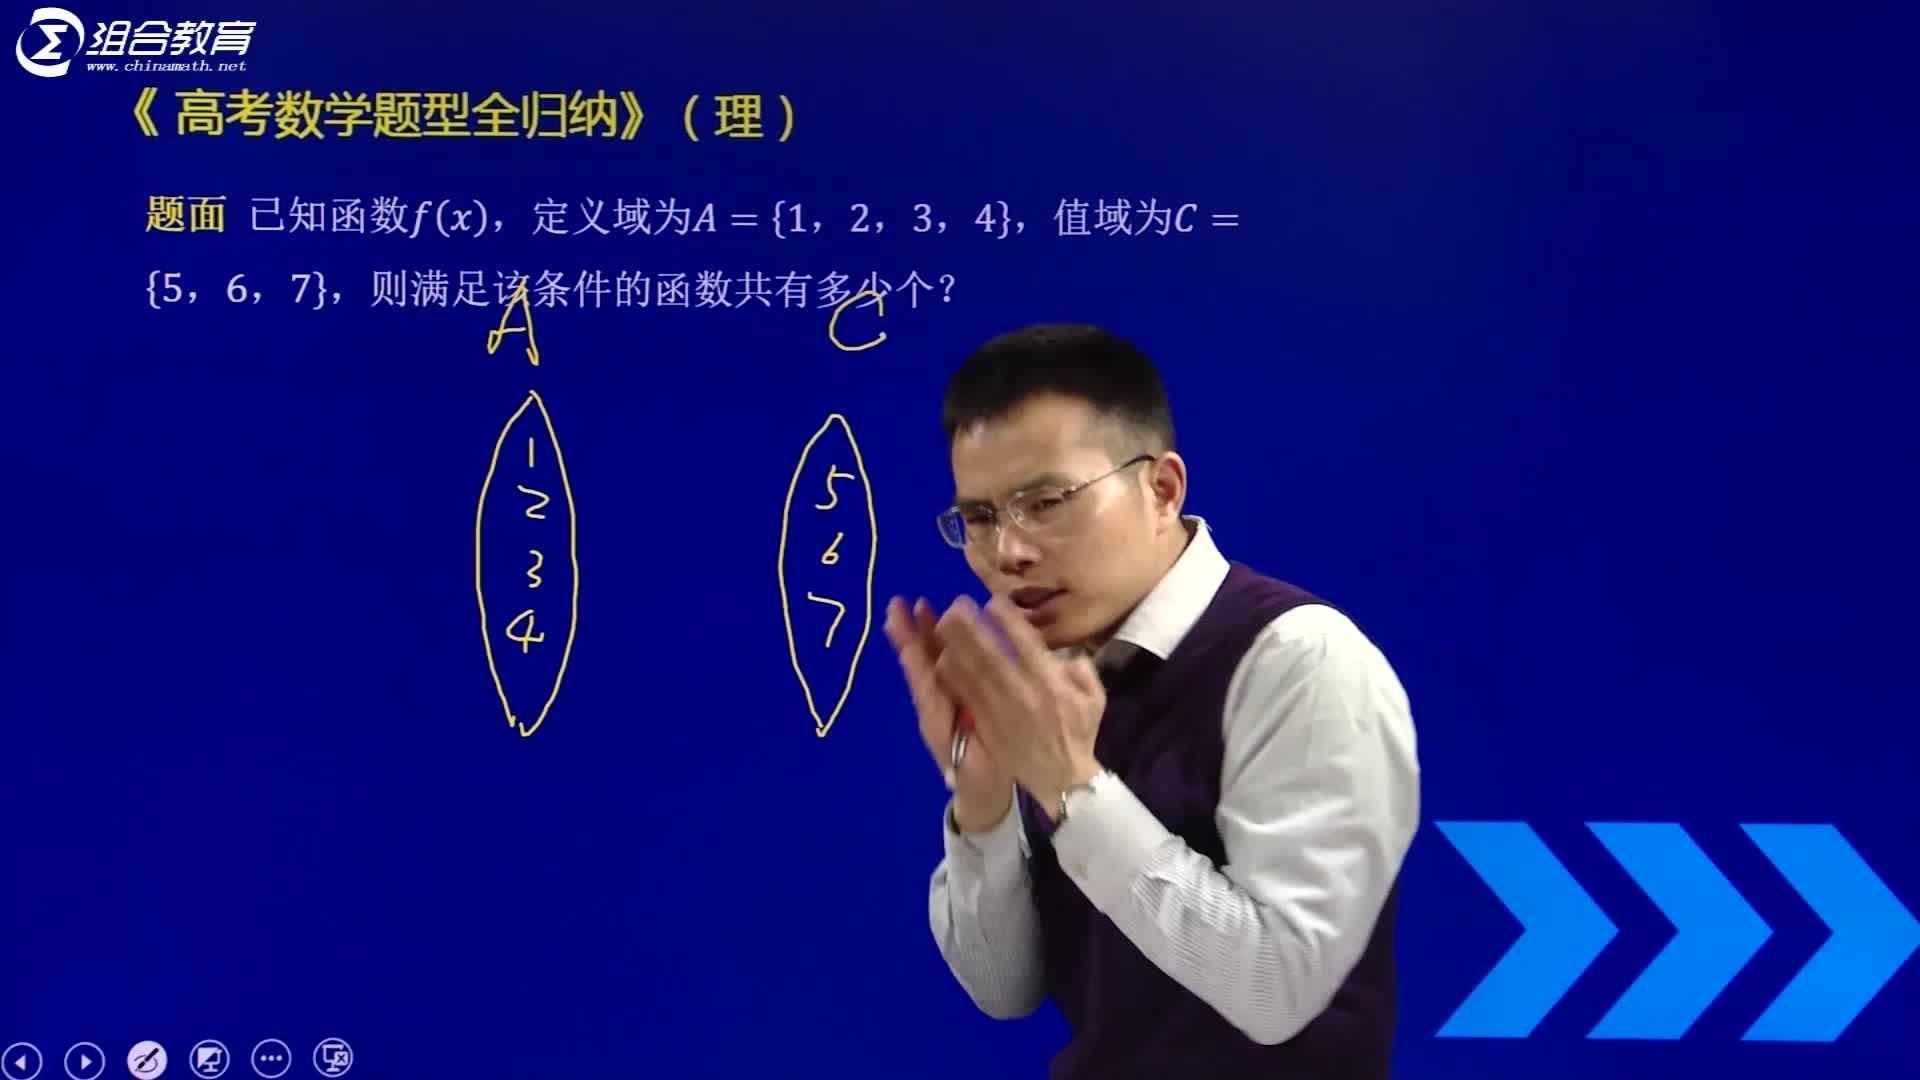 视频2.1 映射与函数的概念-【洞穿高考】2020版高考理科数学题型全归纳